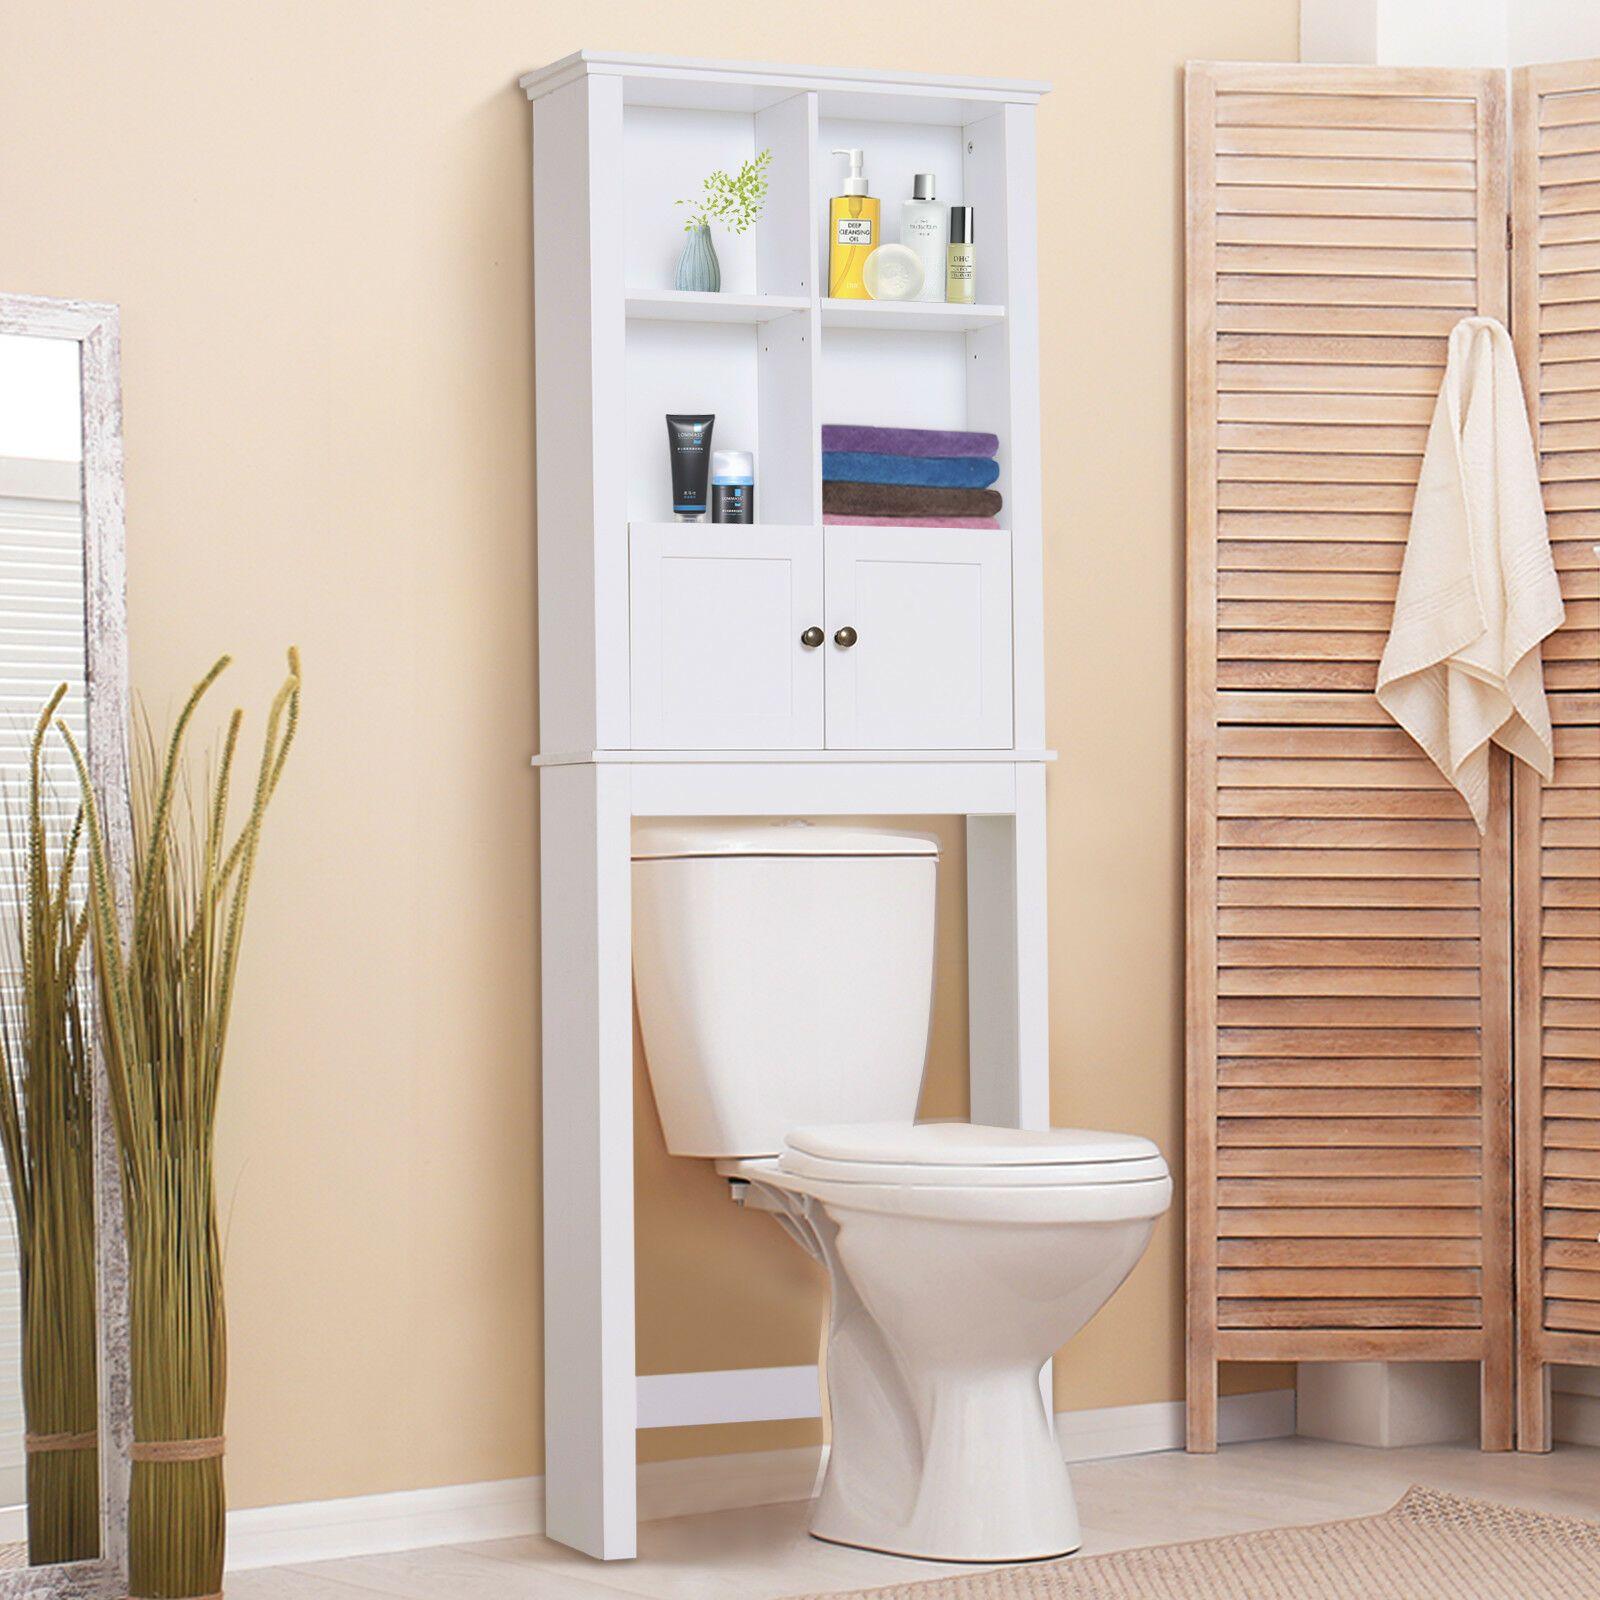 26+ Restroom storage cabinets type